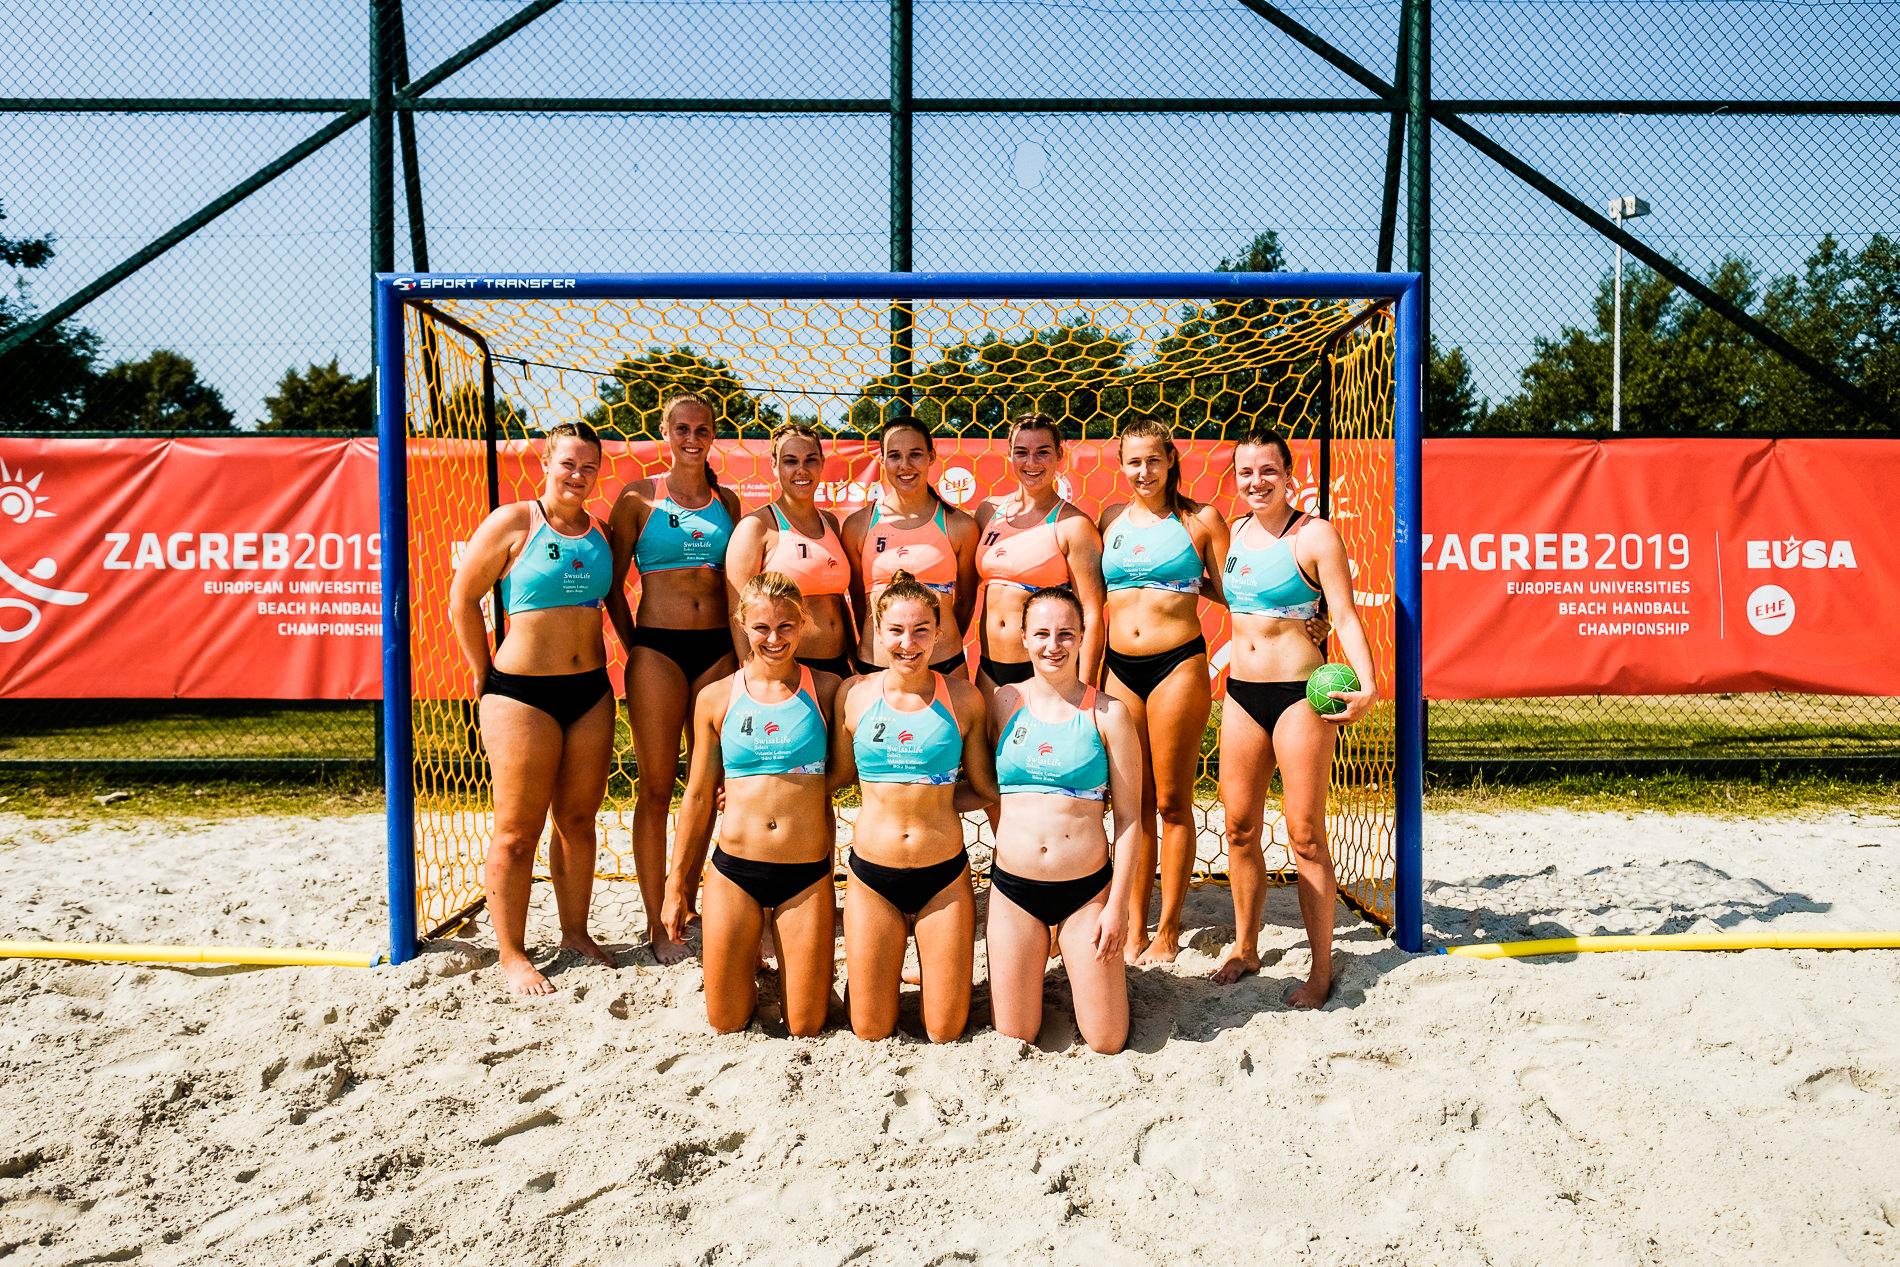 News Eusa Ehf Beach Handball